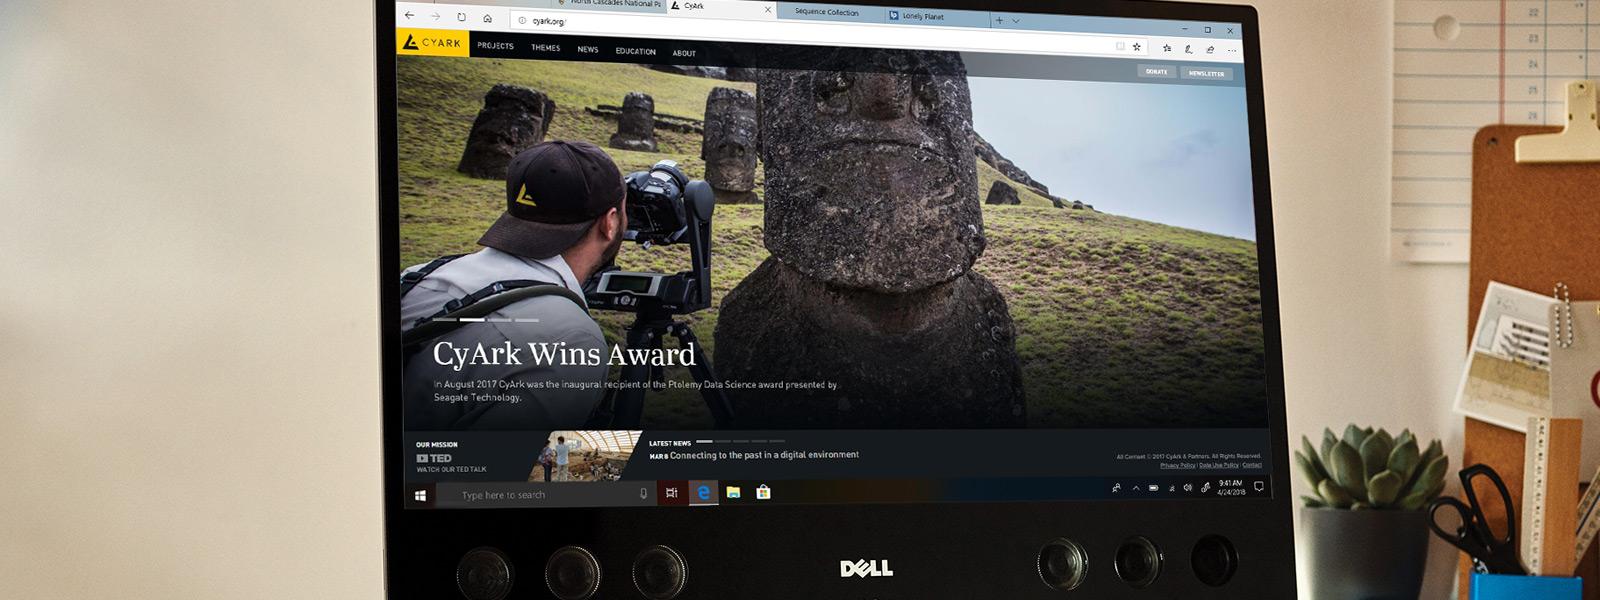 Computerskærm på et skrivebord, der viser en Microsoft Edge-browser, hvor der afspilles video i 4K Ultra HD